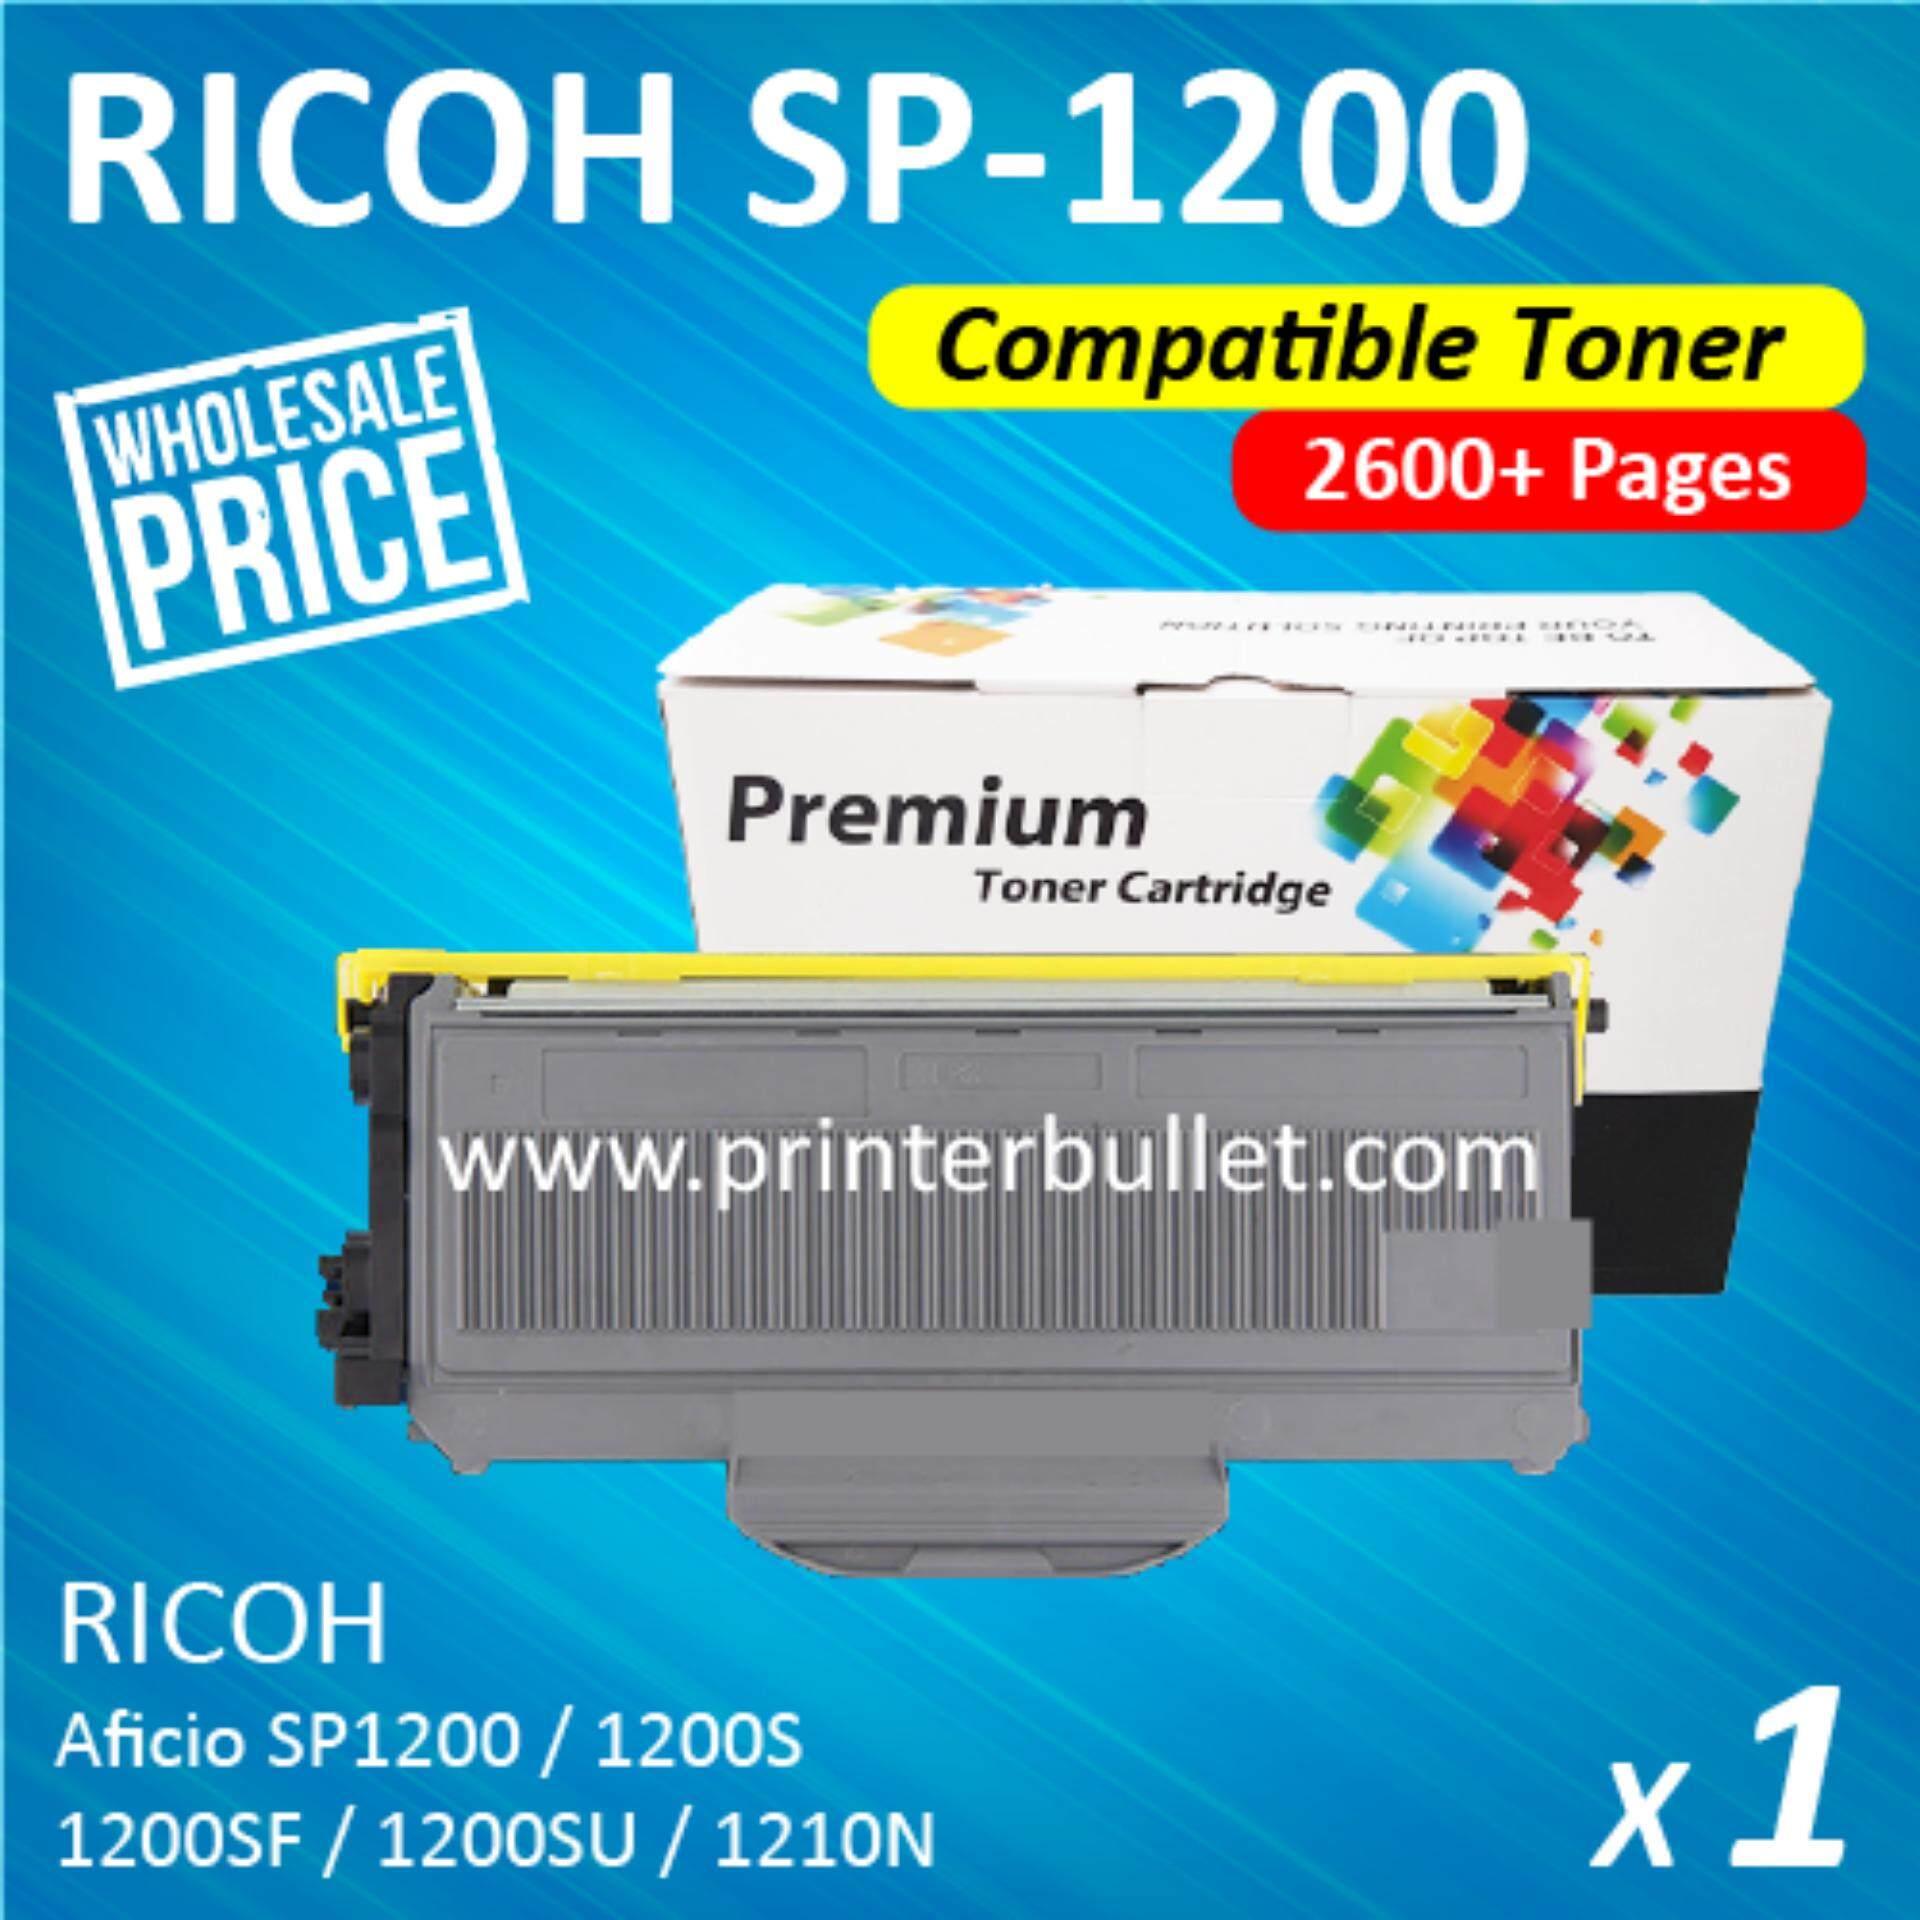 Ricoh SP1200 / SP1200S High Quality Compatible Laser Toner Cartridge For Ricoh Aficio SP1200 / SP1200S / SP1200SF / SP1200SU / SP1210N Printer